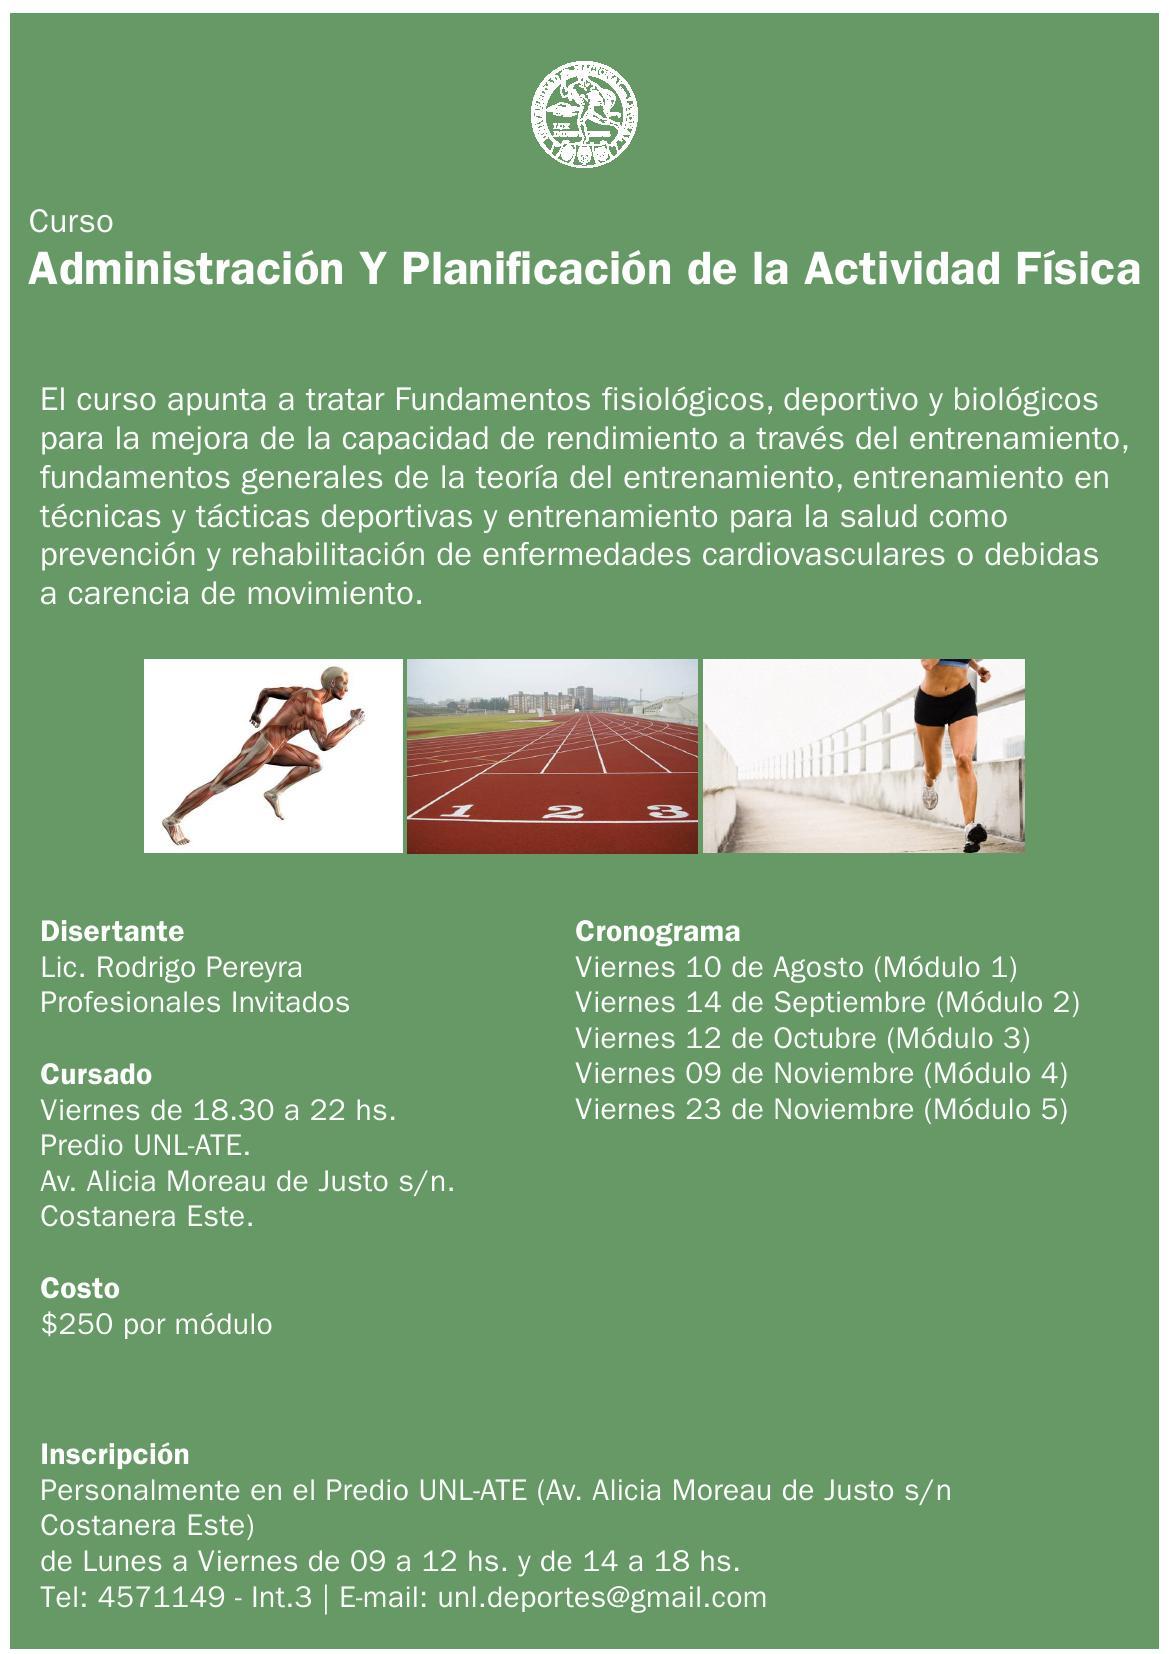 Curso Administración y Planificación de la actividad Física